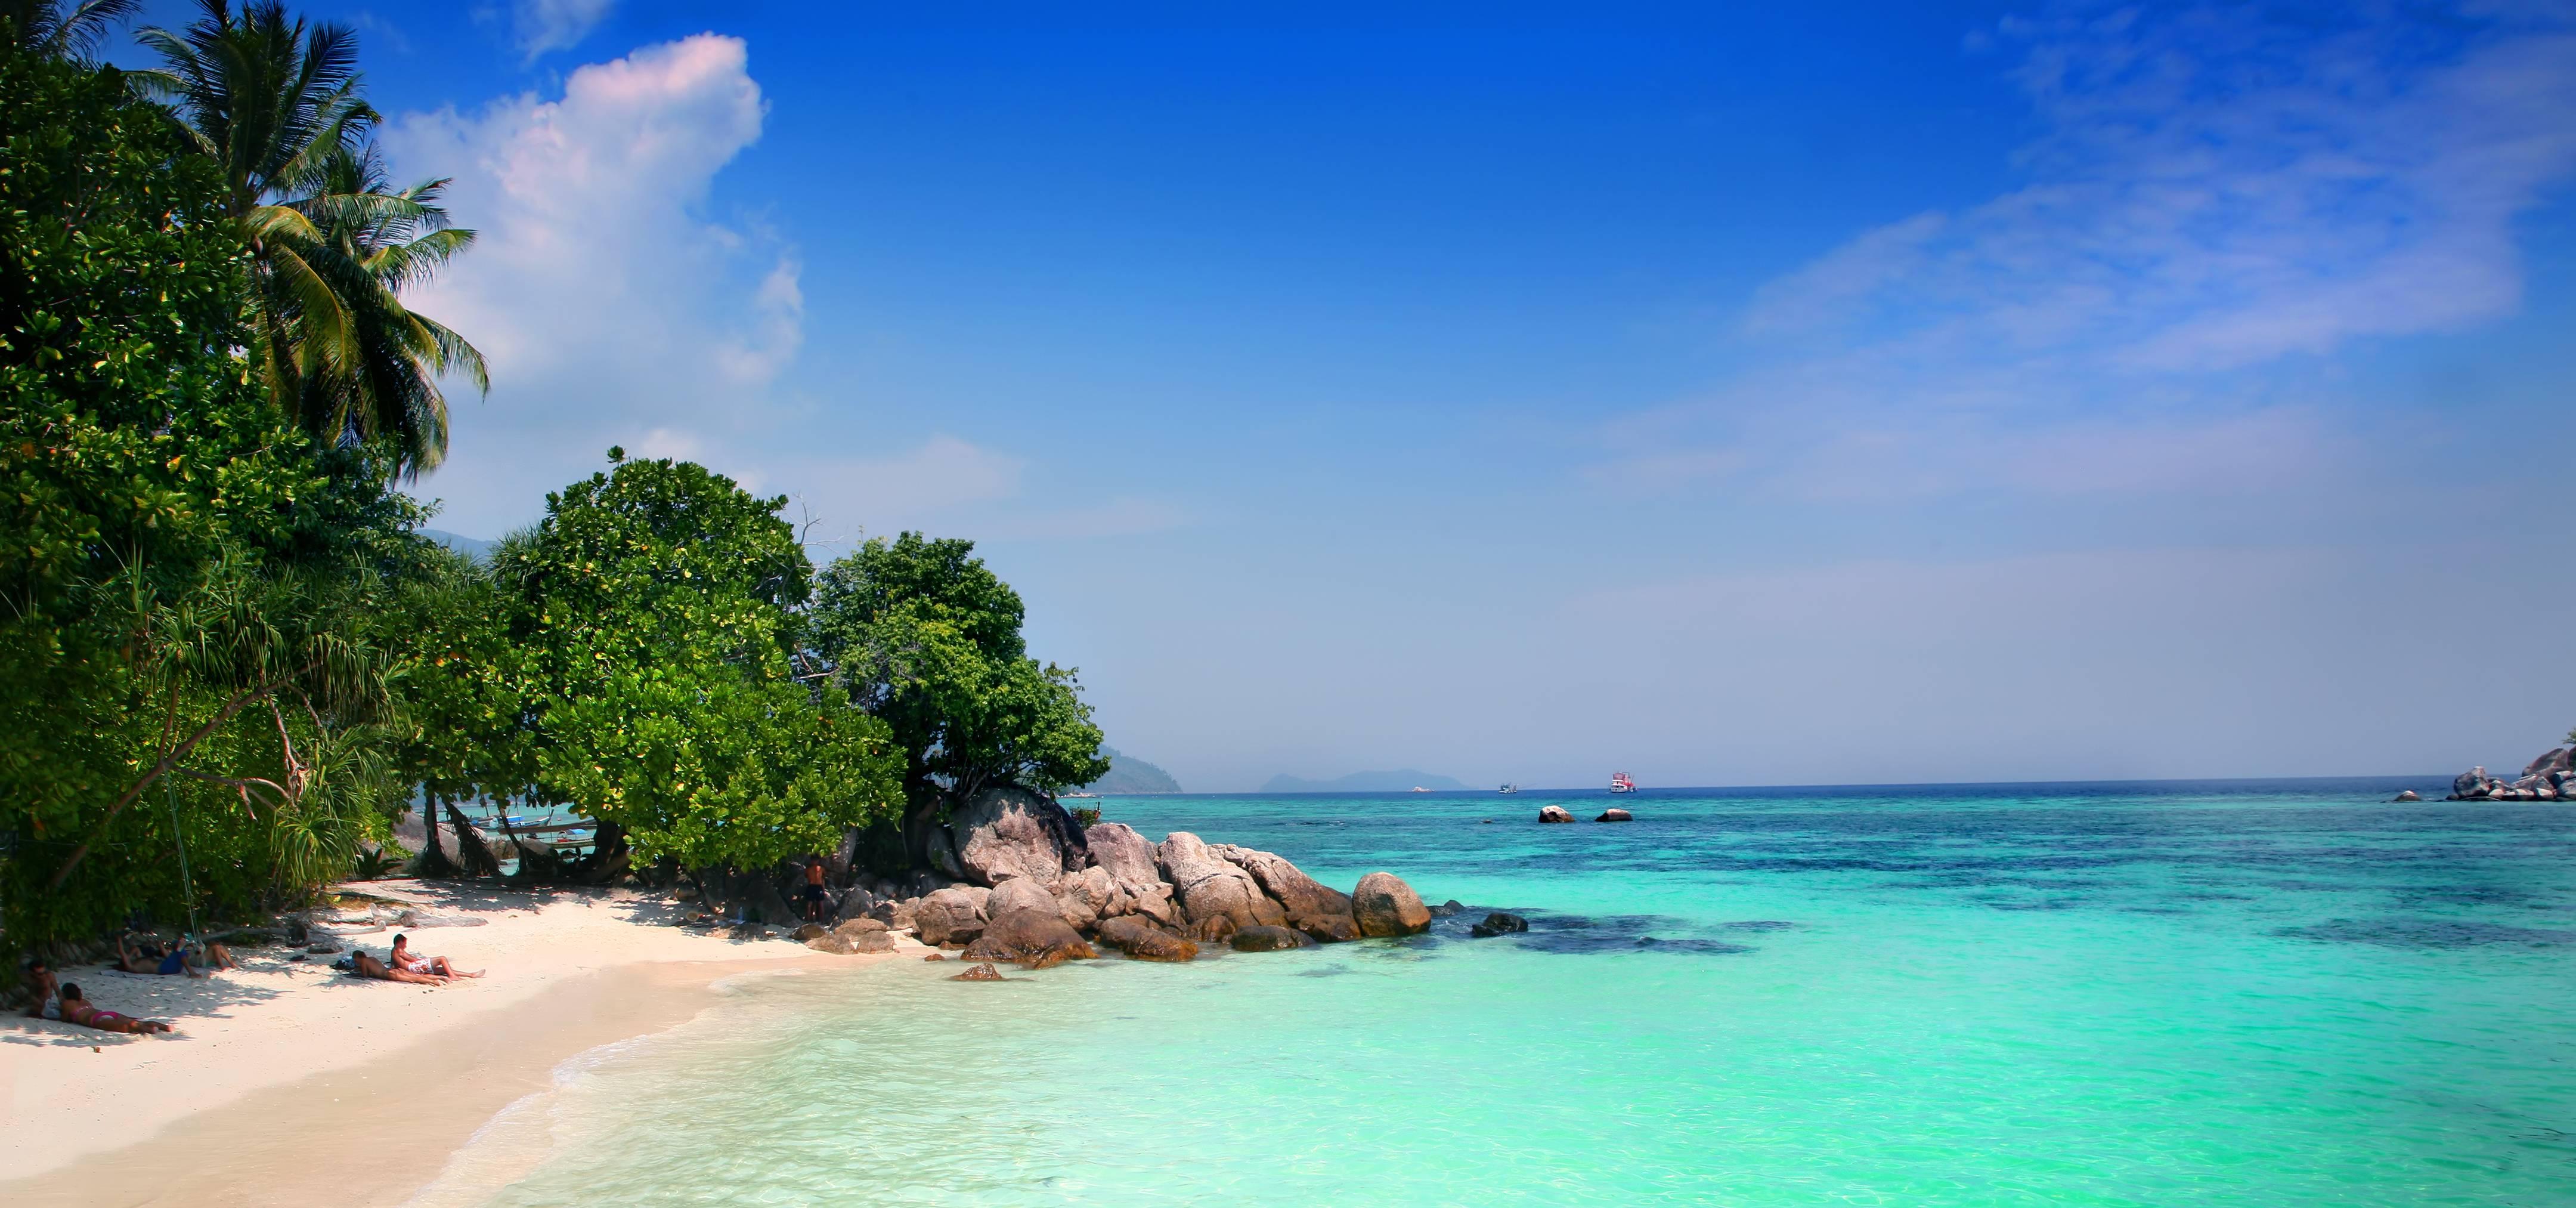 Exotic beach wallpapers wallpaper cave for Desktop gratis estate